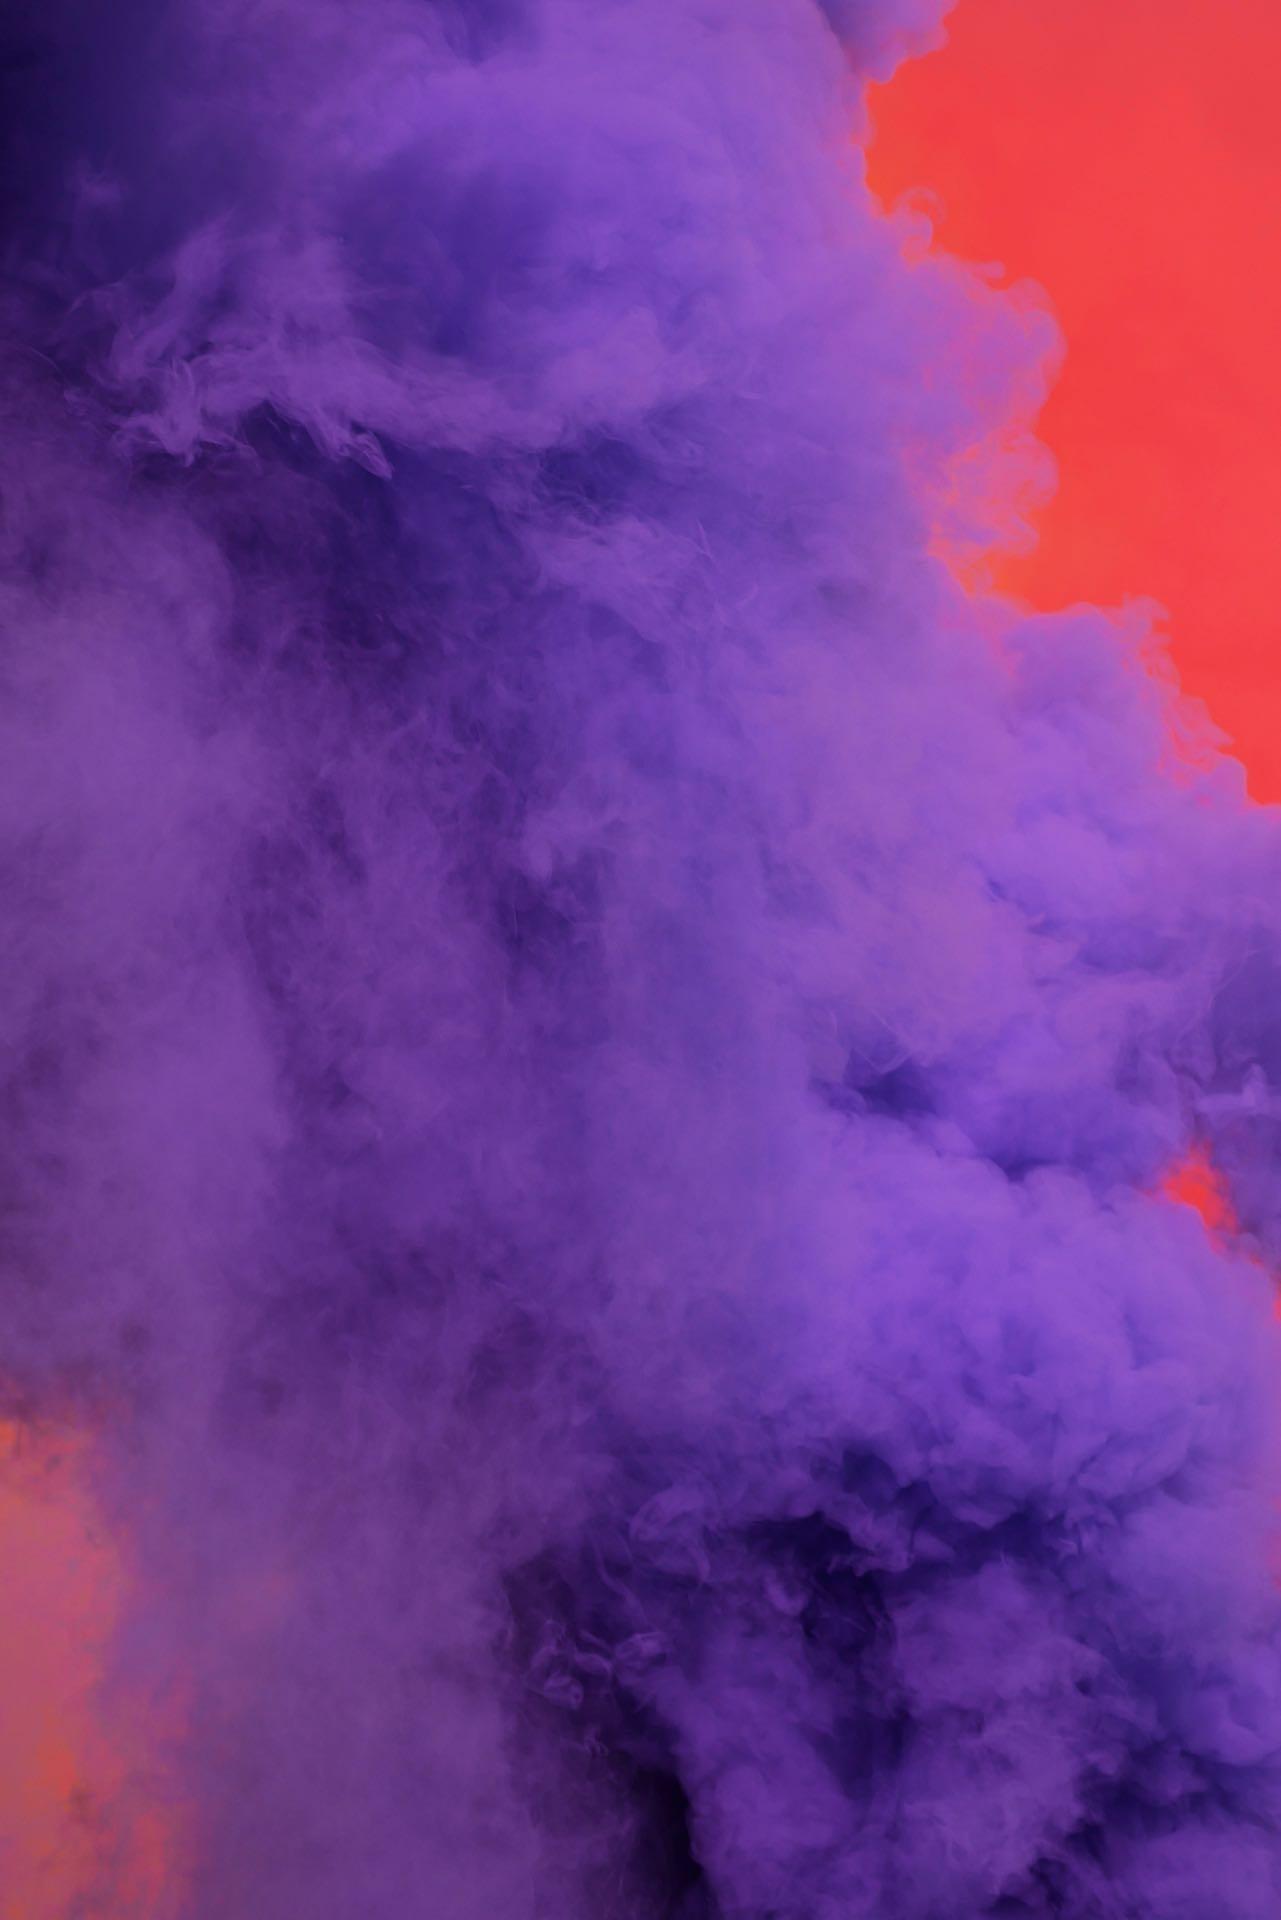 hochzeitstrends-2019-ultra-violet-2